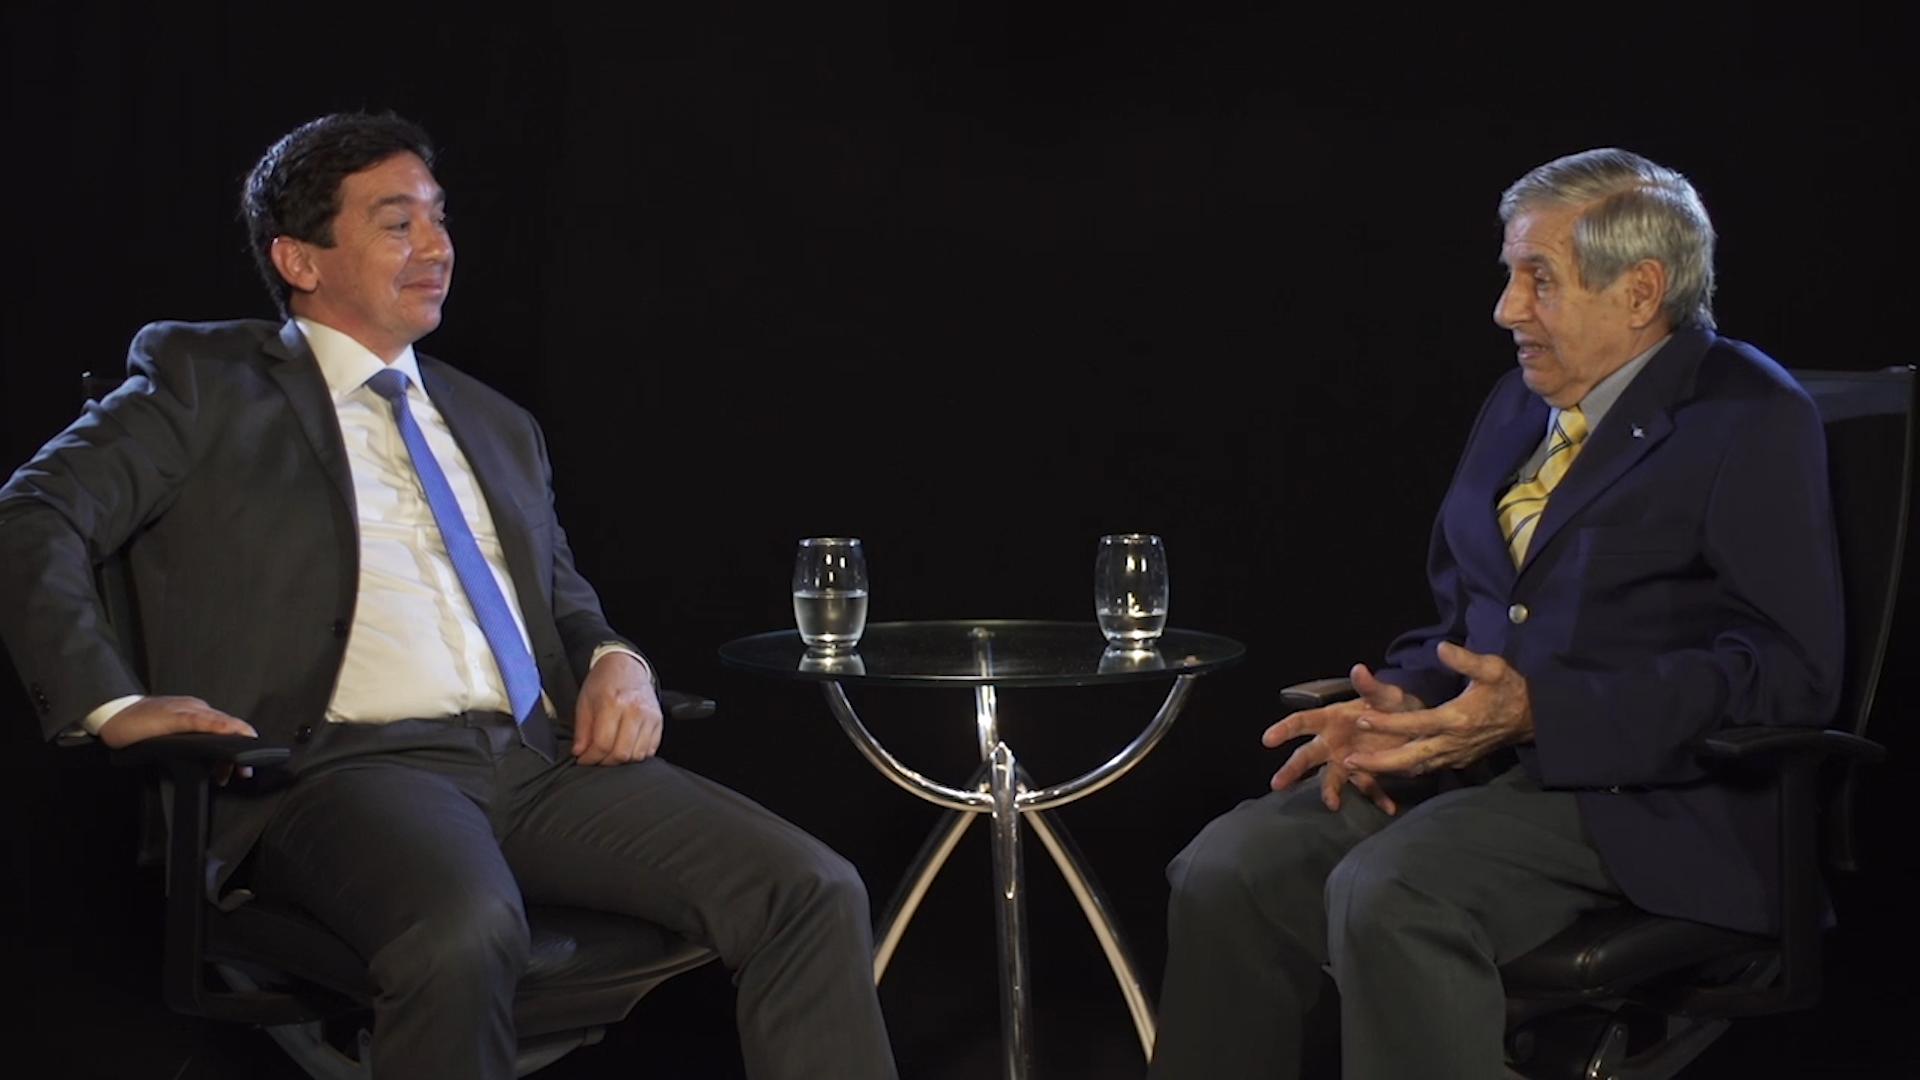 Entrevista | General Augusto Heleno (íntegra)